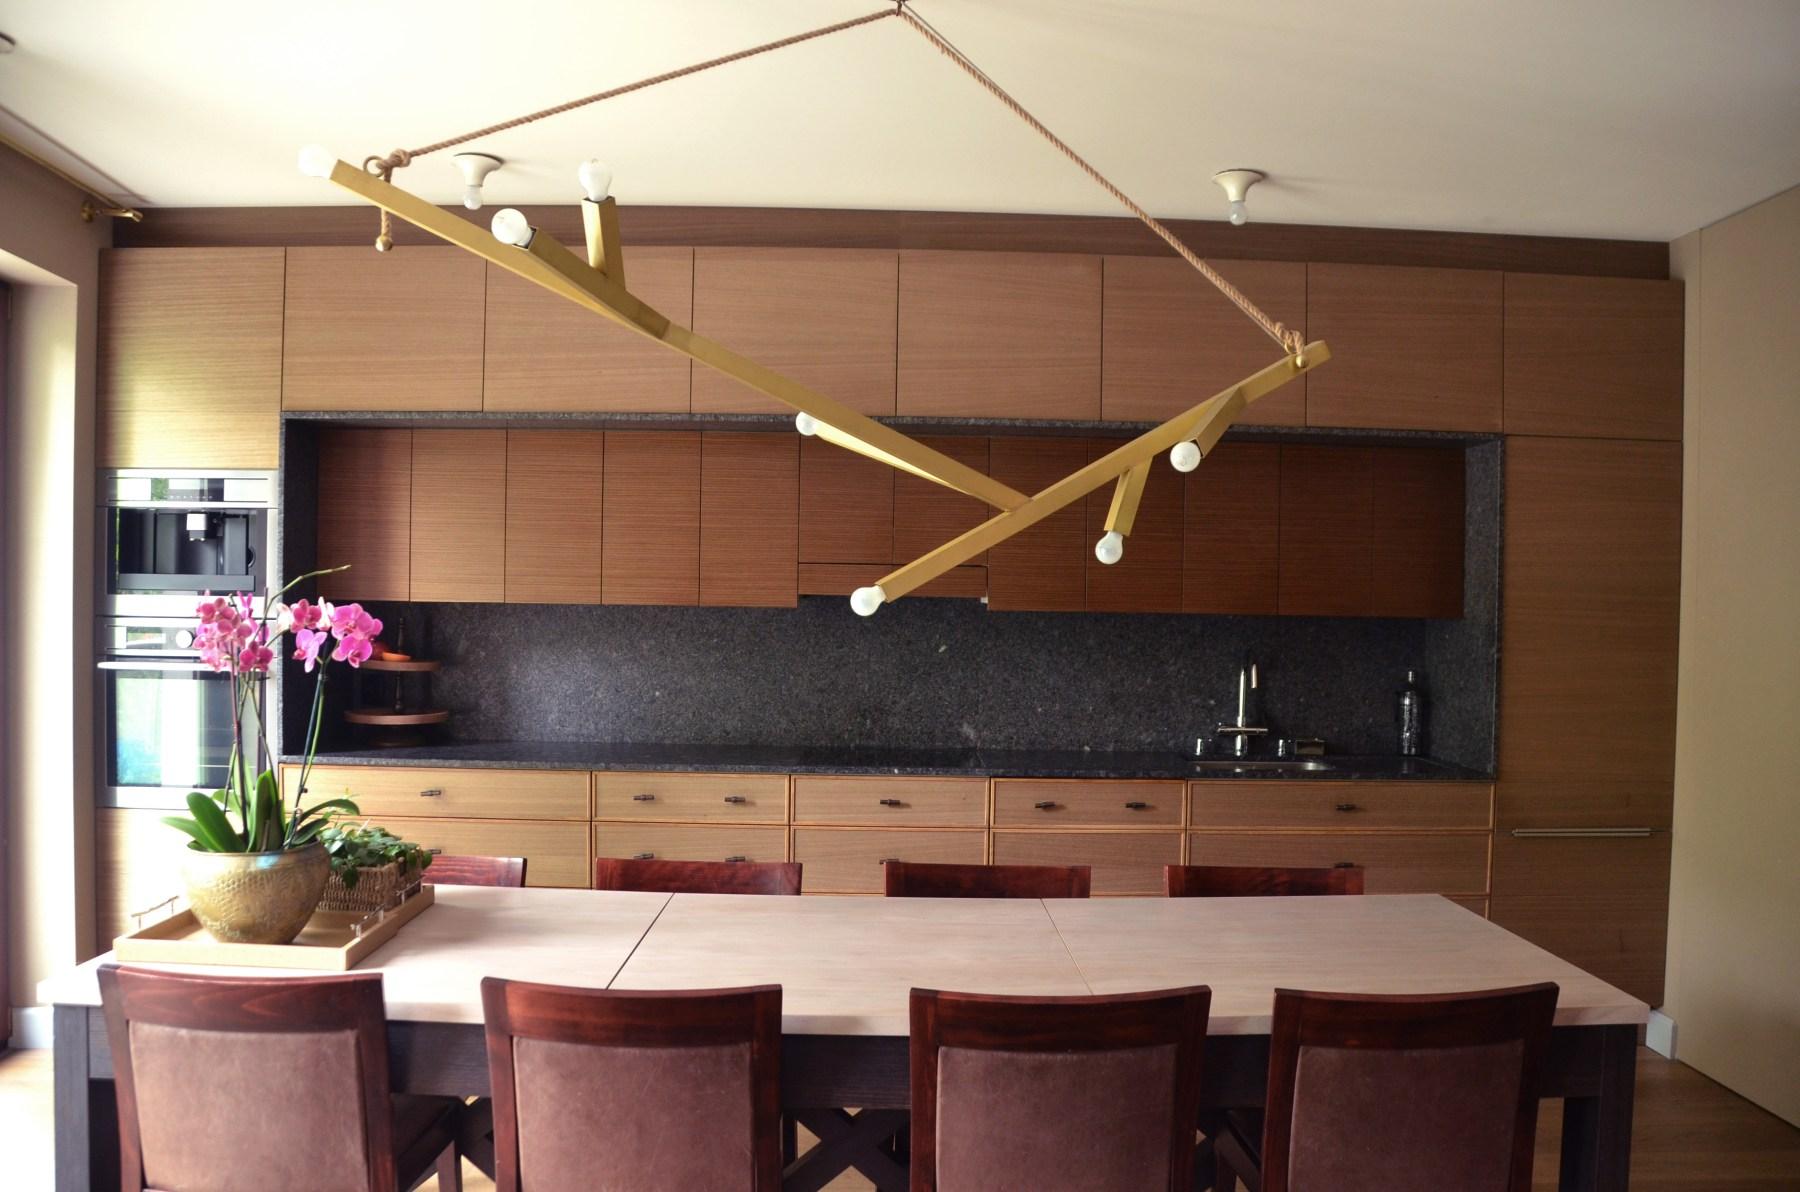 Kuchnia na jednej ścianie stanowi tło salonu